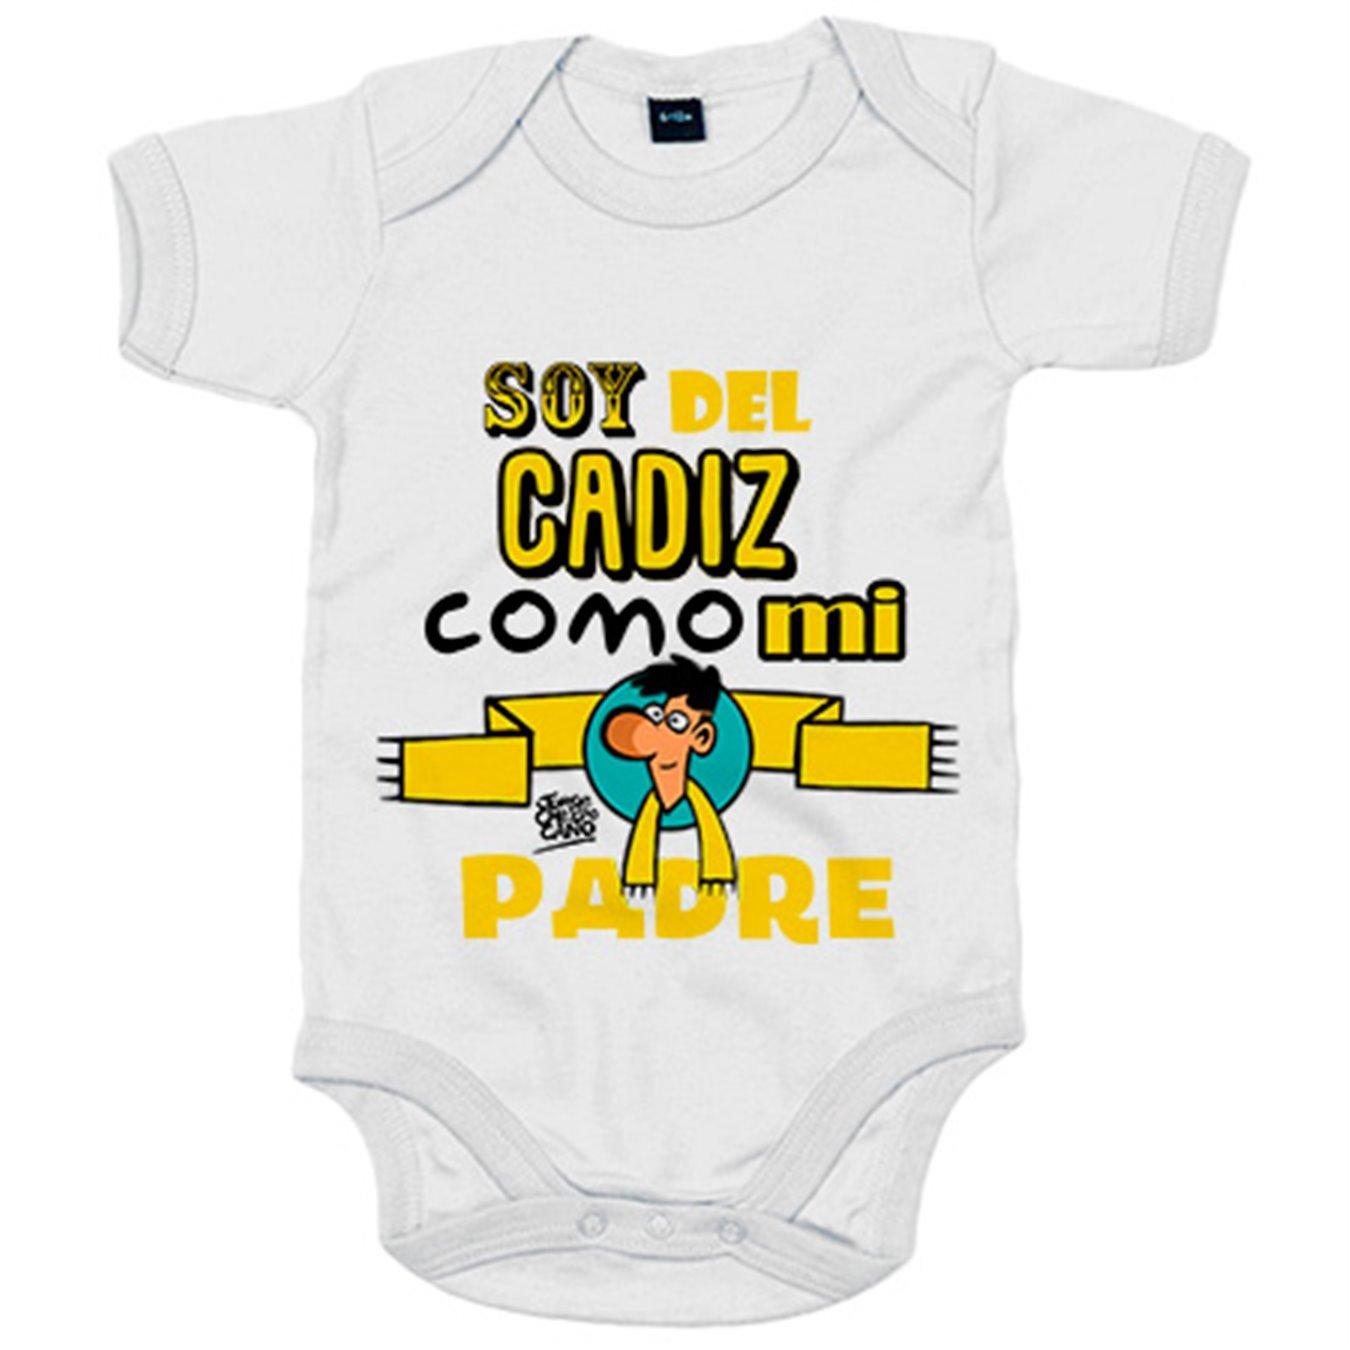 Body bebé soy del Cadiz como mi padre Jorge Crespo Cano - Blanco, 6-12 meses: Amazon.es: Bebé